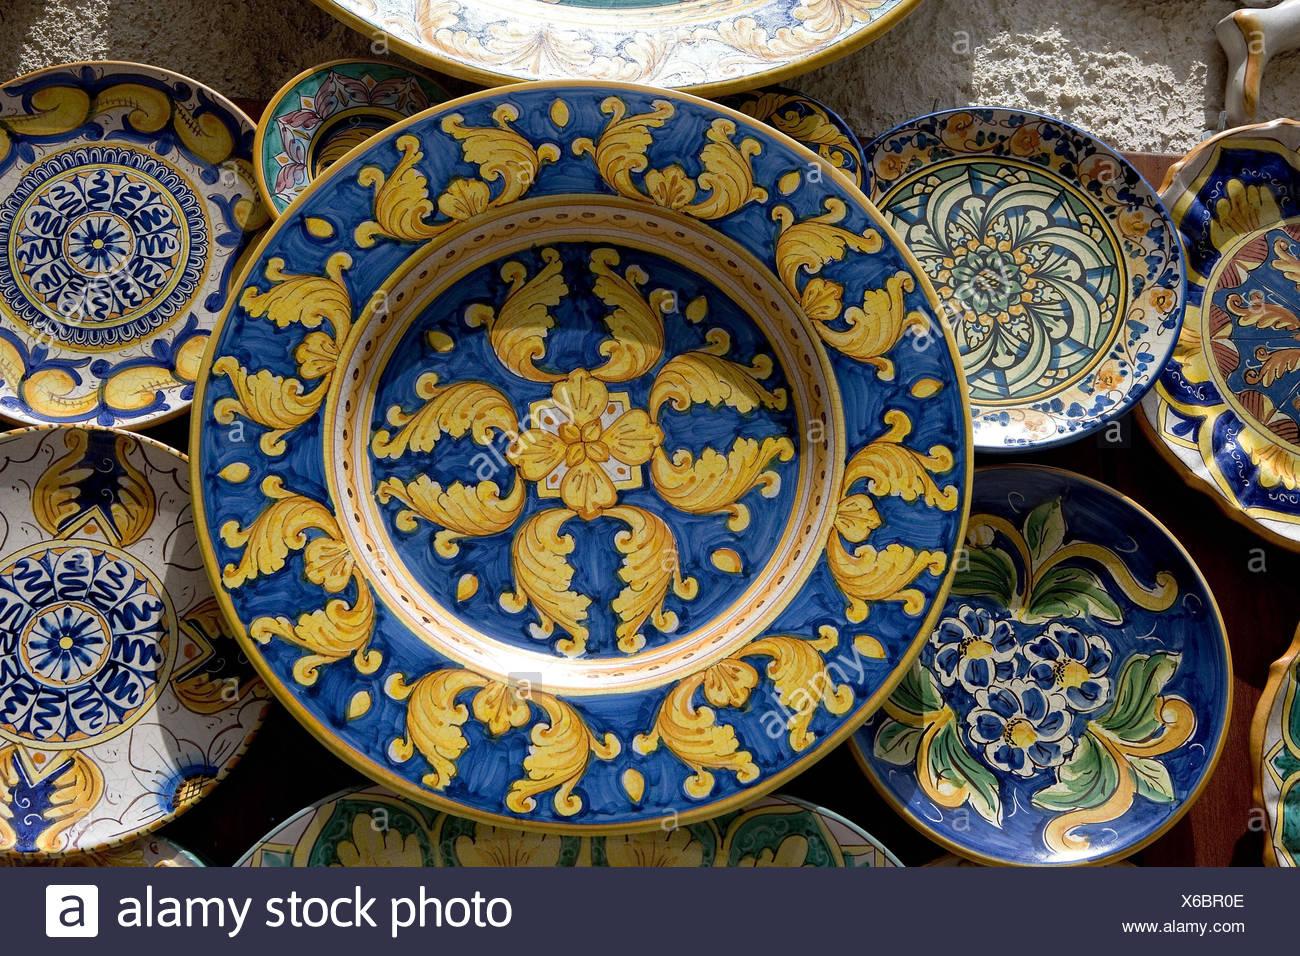 Litalia isola di sicilia ceramiche decorazioni murali i suns